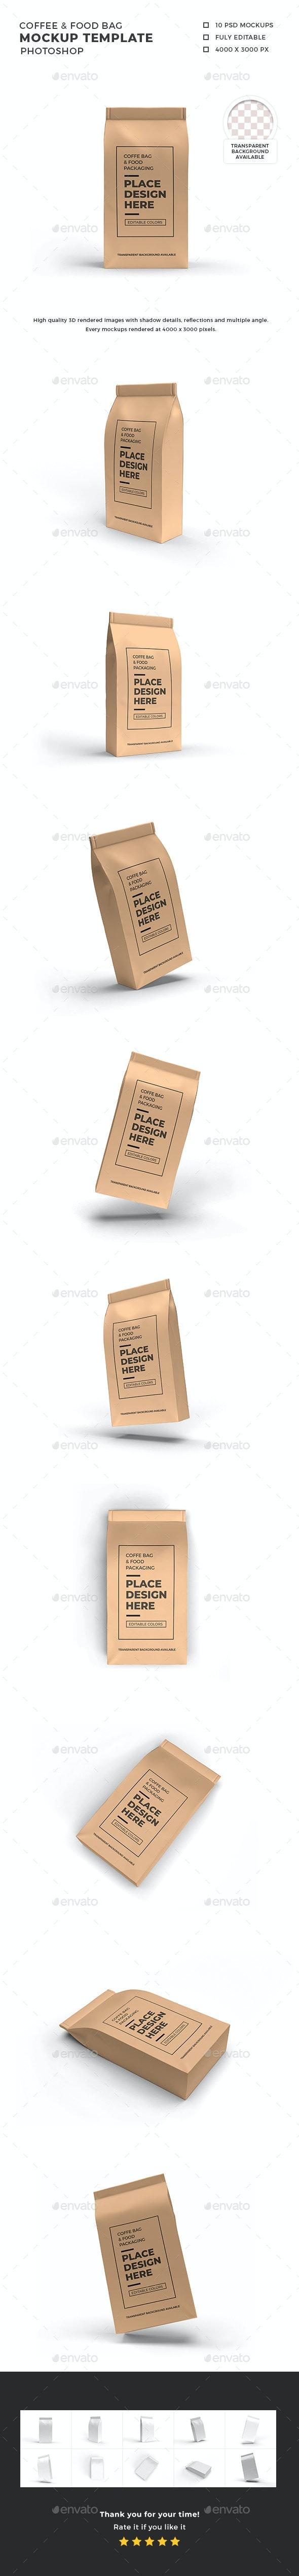 Food Bag Packaging Mockup Template - Food and Drink Packaging